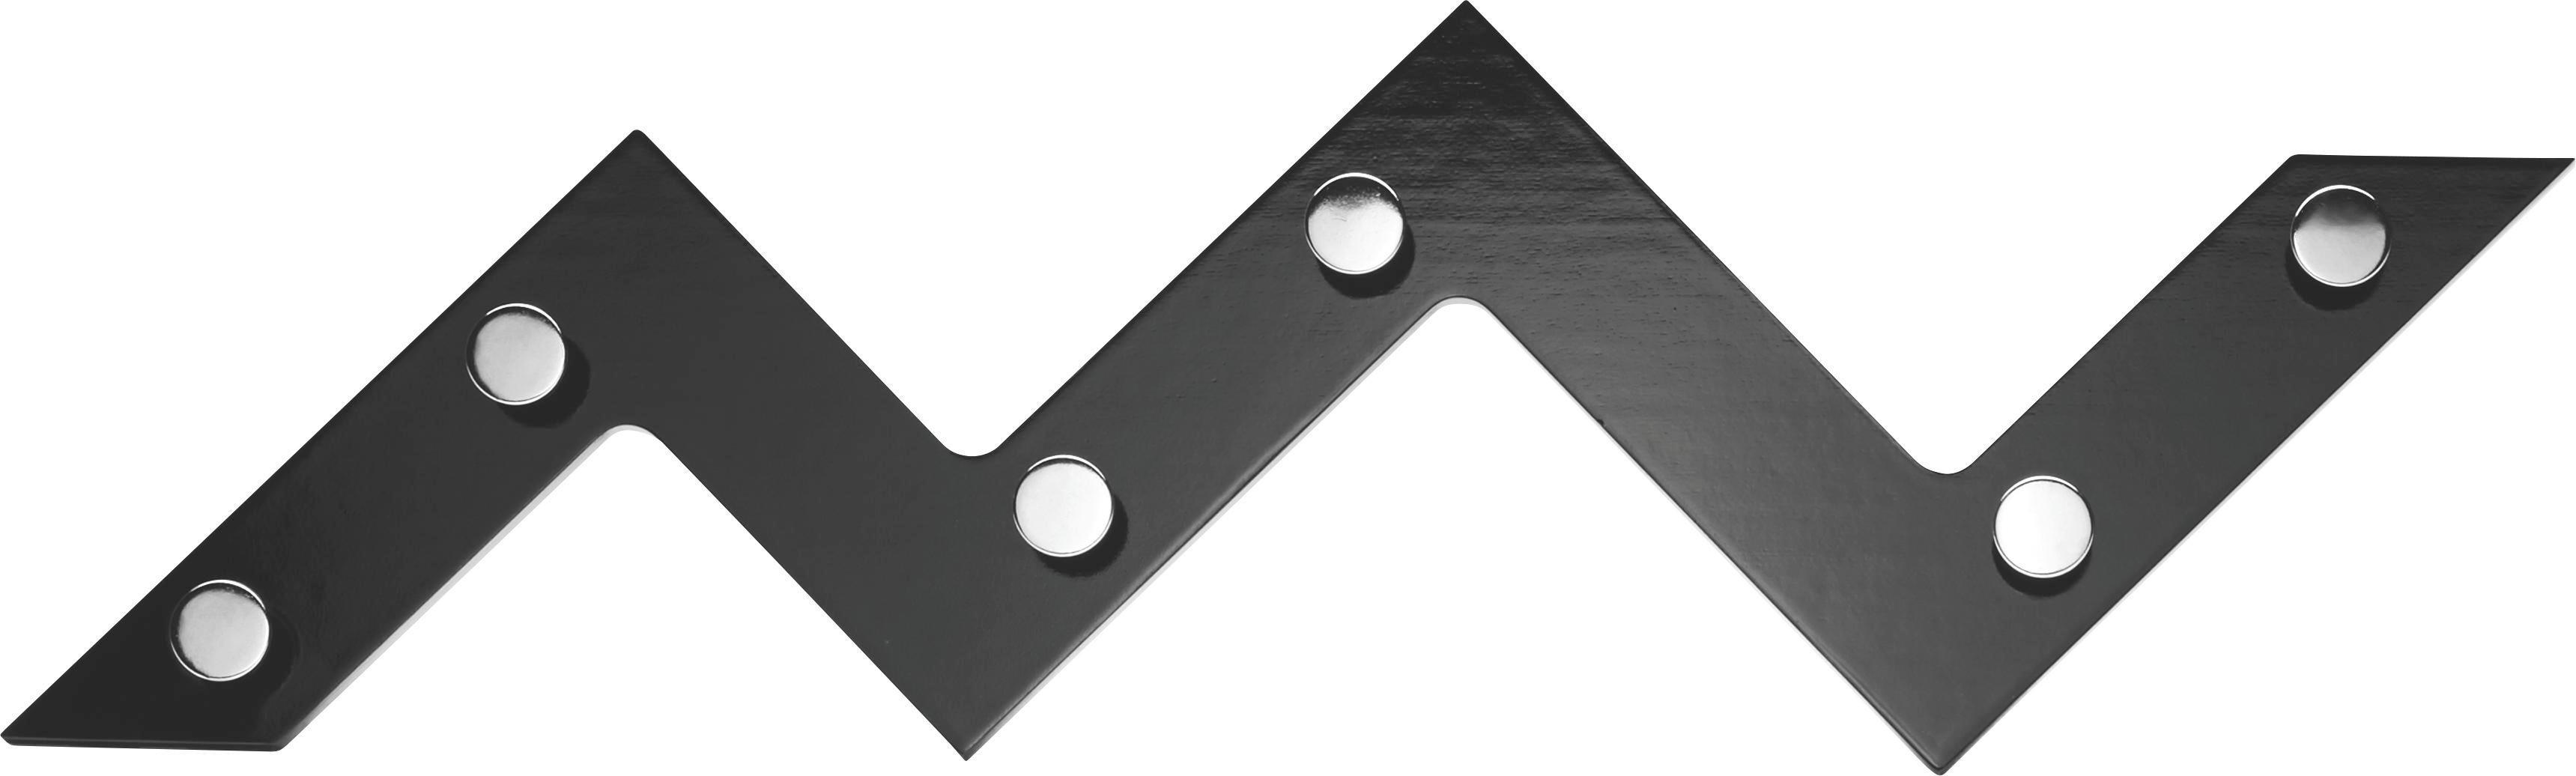 Fali Akasztó Walter 6 - krómszínű/fekete, fém/faanyagok (56/34/3cm) - MÖBELIX